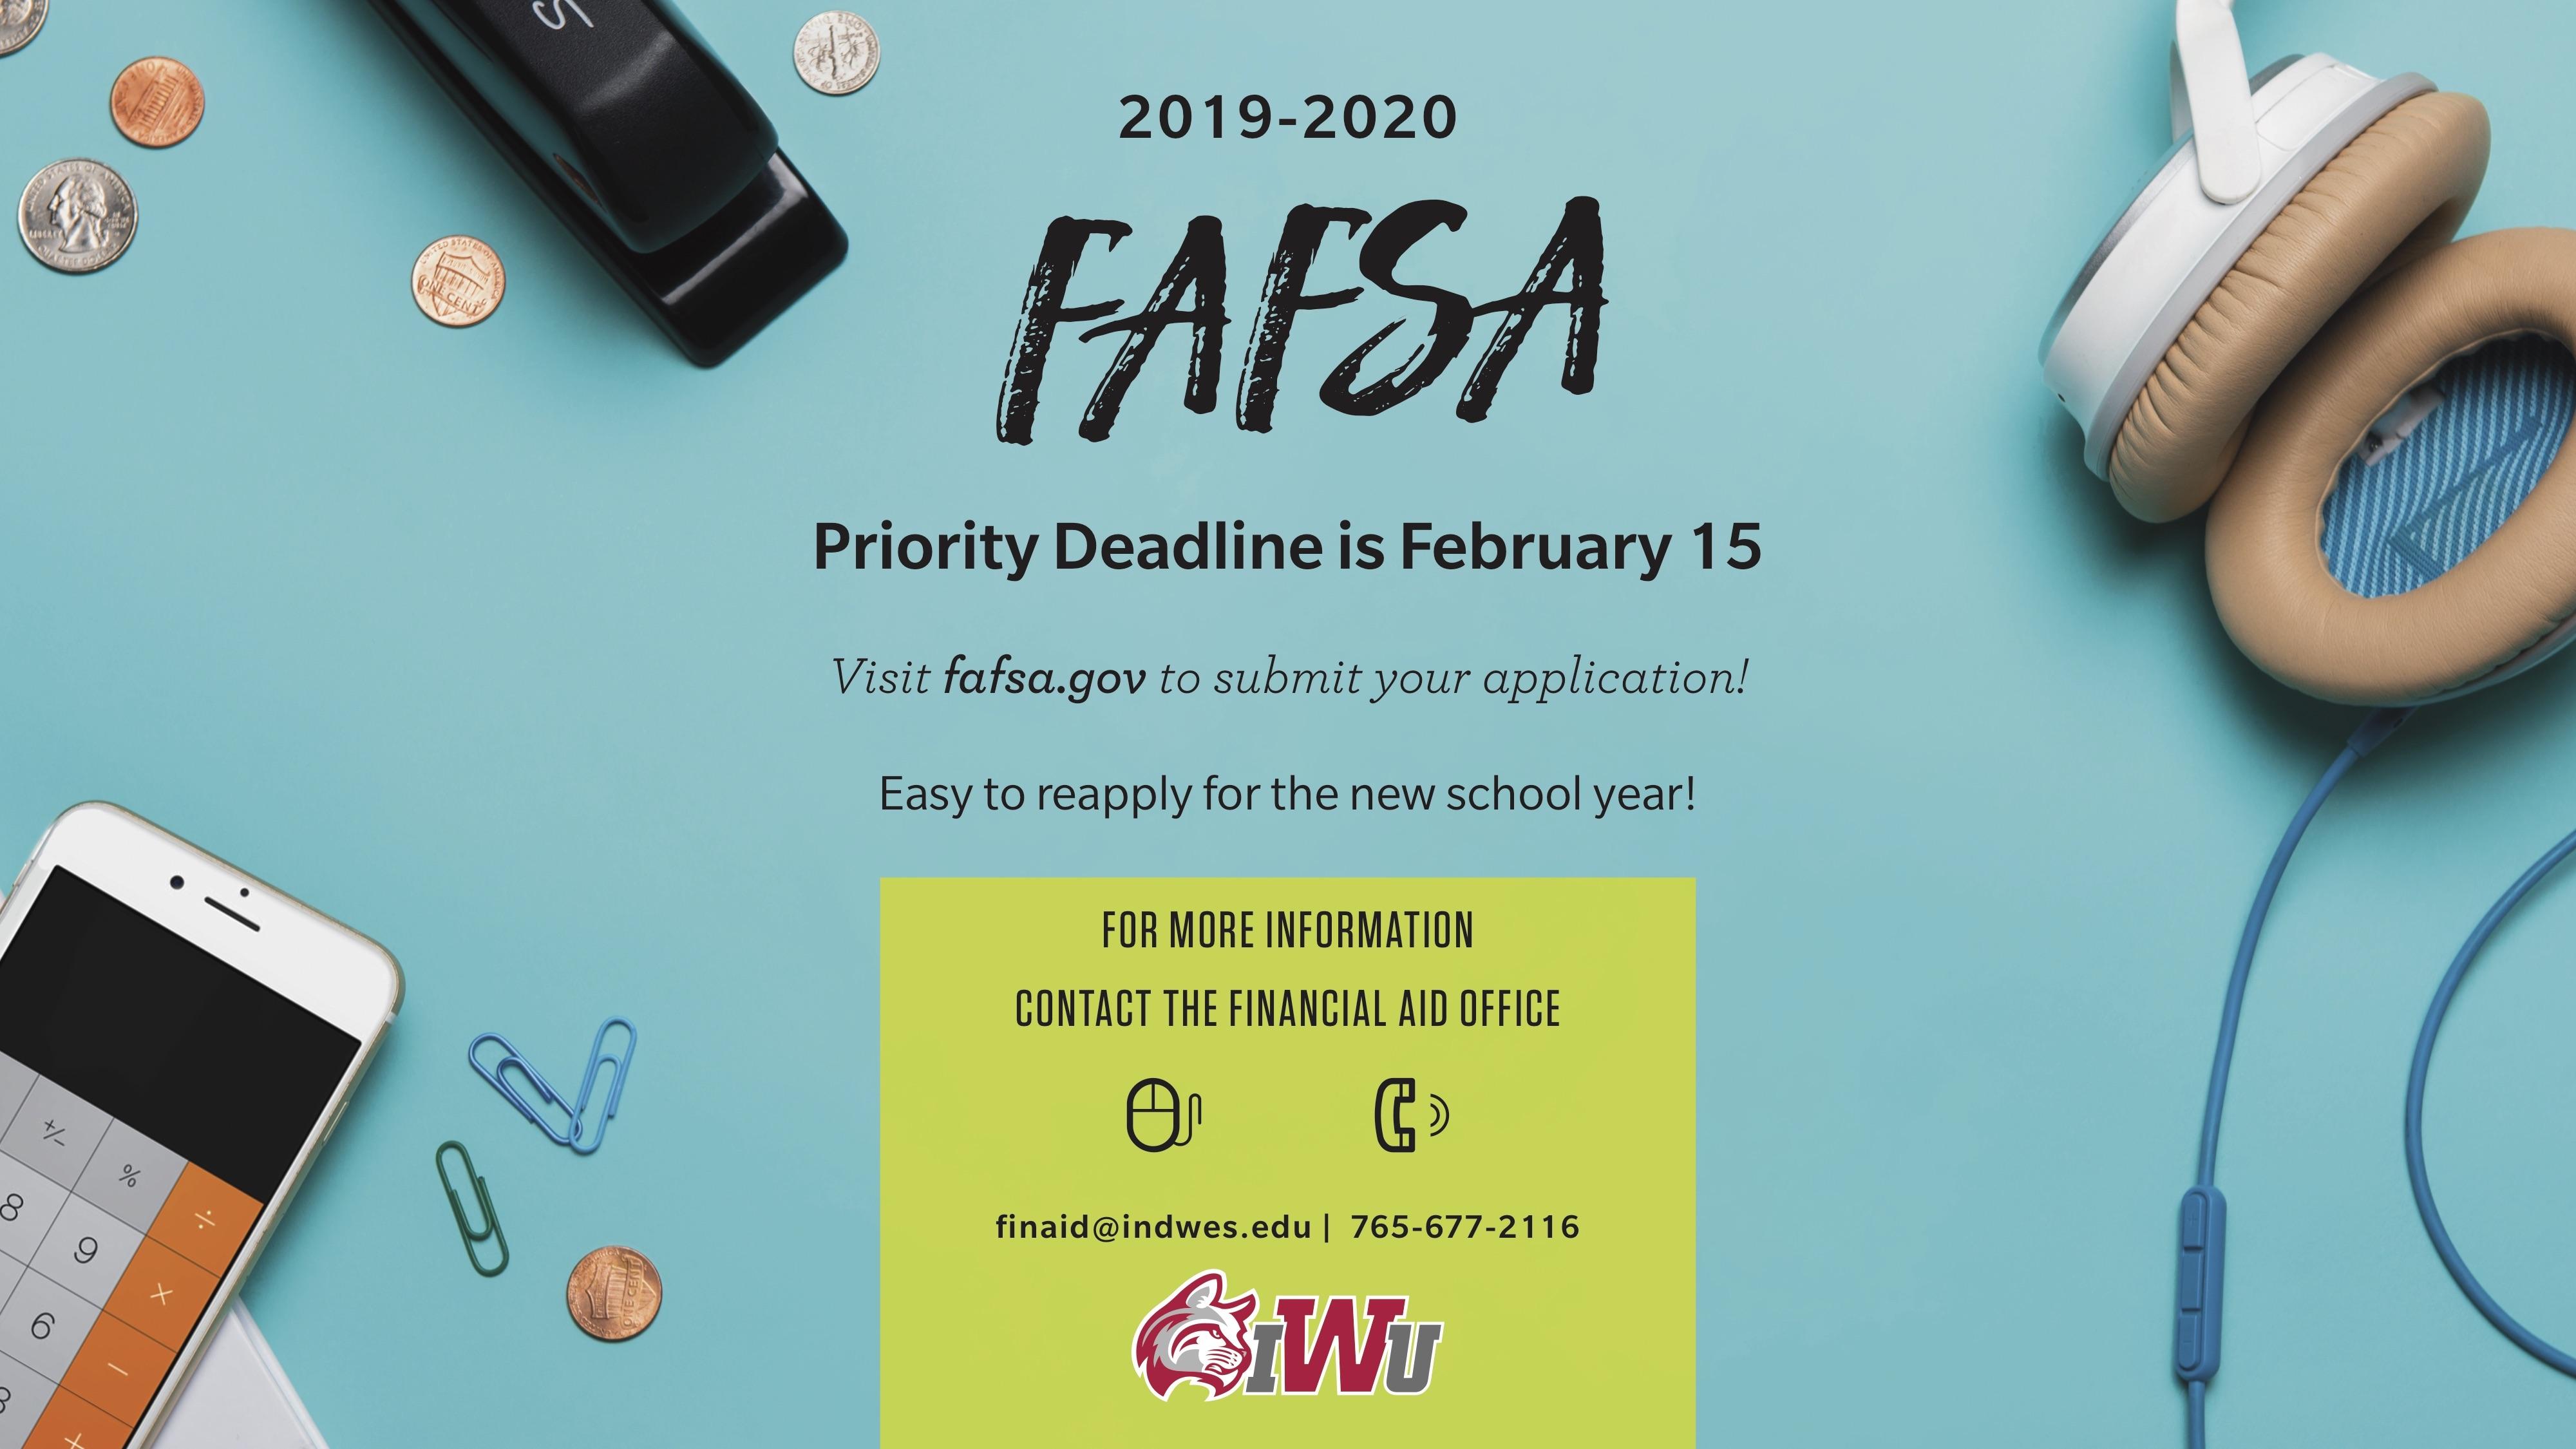 fafsa due date 2020